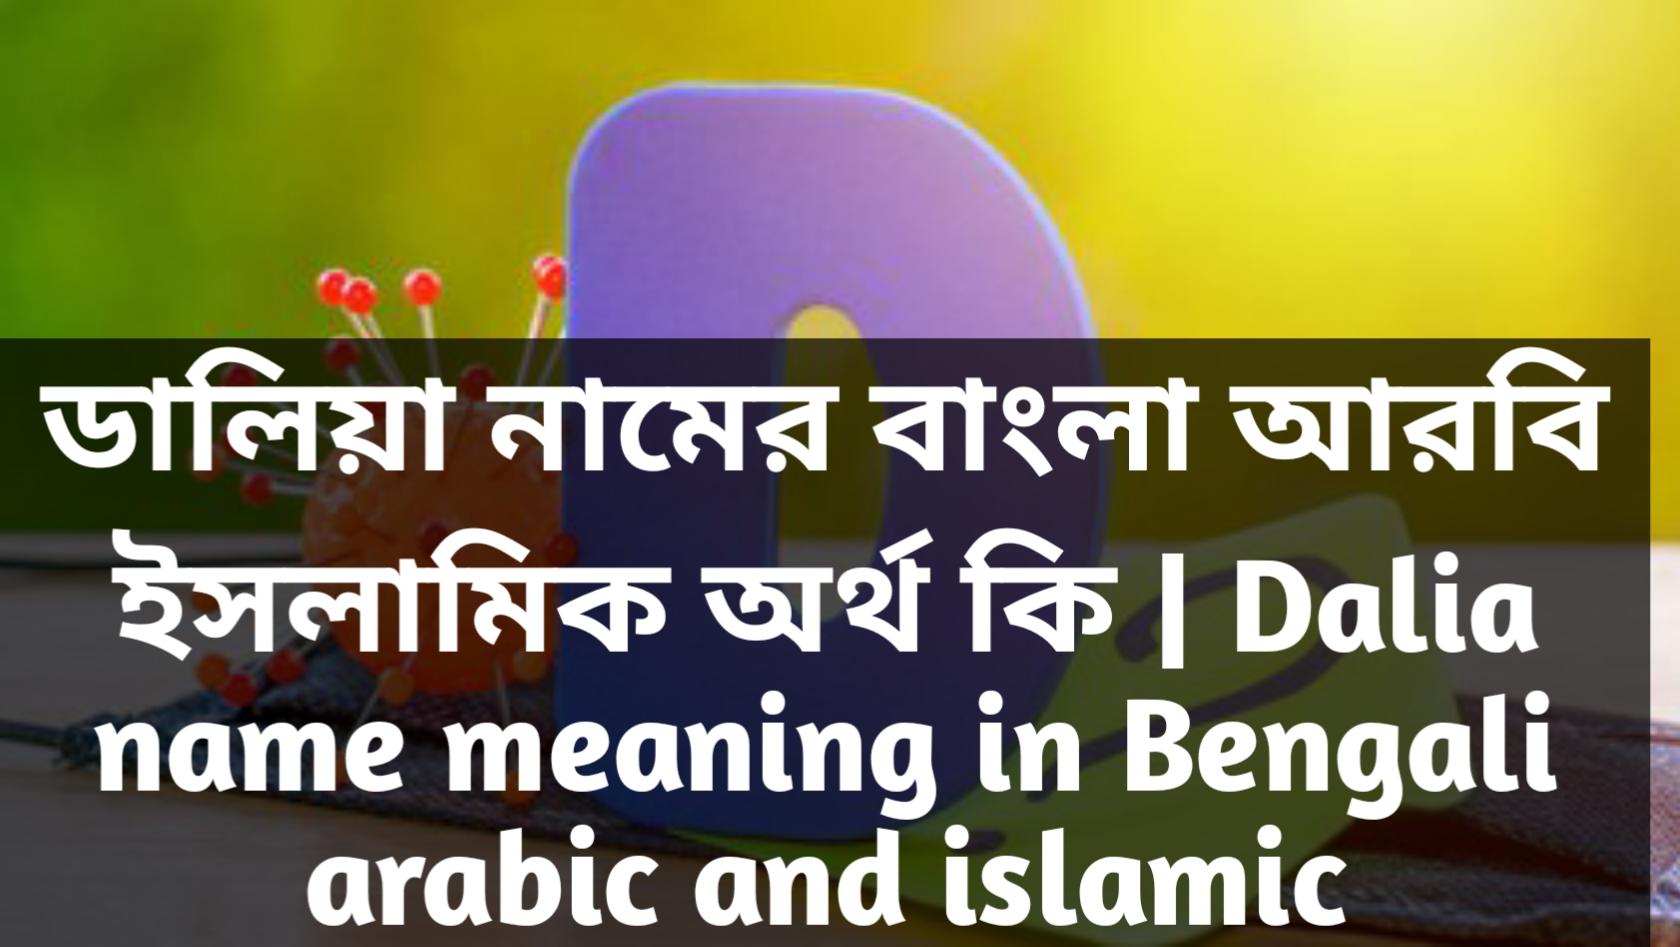 Dalia name meaning in Bengali, ডালিয়া নামের অর্থ কি, ডালিয়া নামের বাংলা অর্থ কি, ডালিয়া নামের ইসলামিক অর্থ কি,